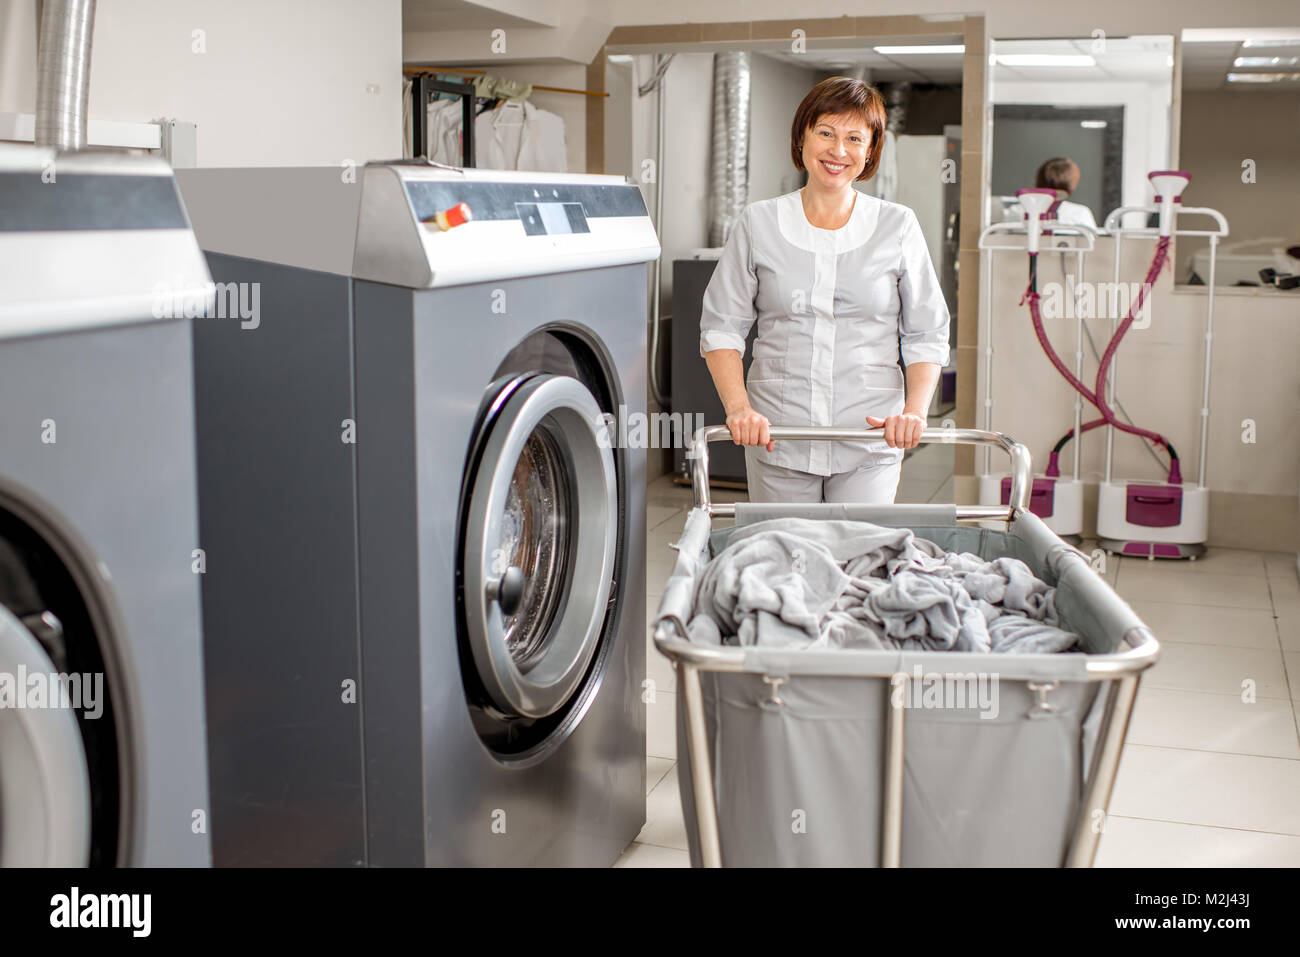 Service Laundry Stock Photos Amp Service Laundry Stock